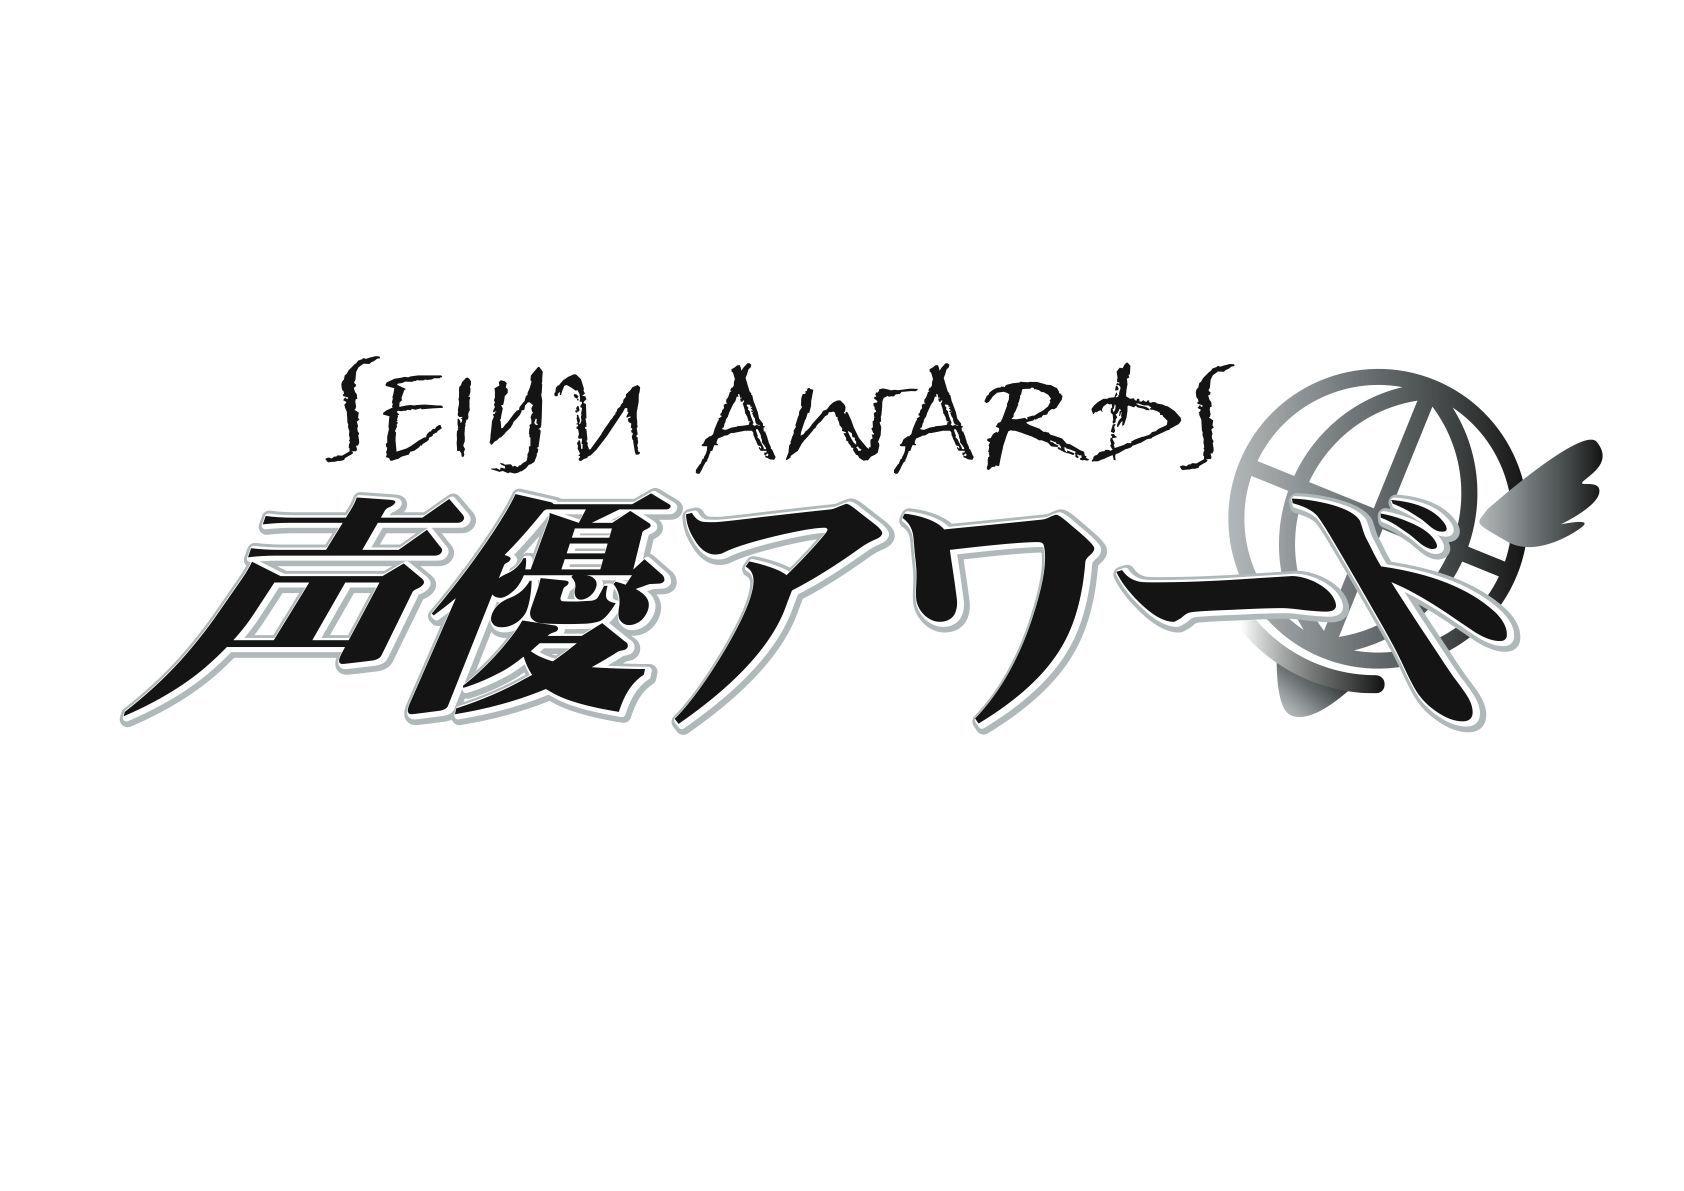 第十一回声優アワード (c)Seiyu Awards